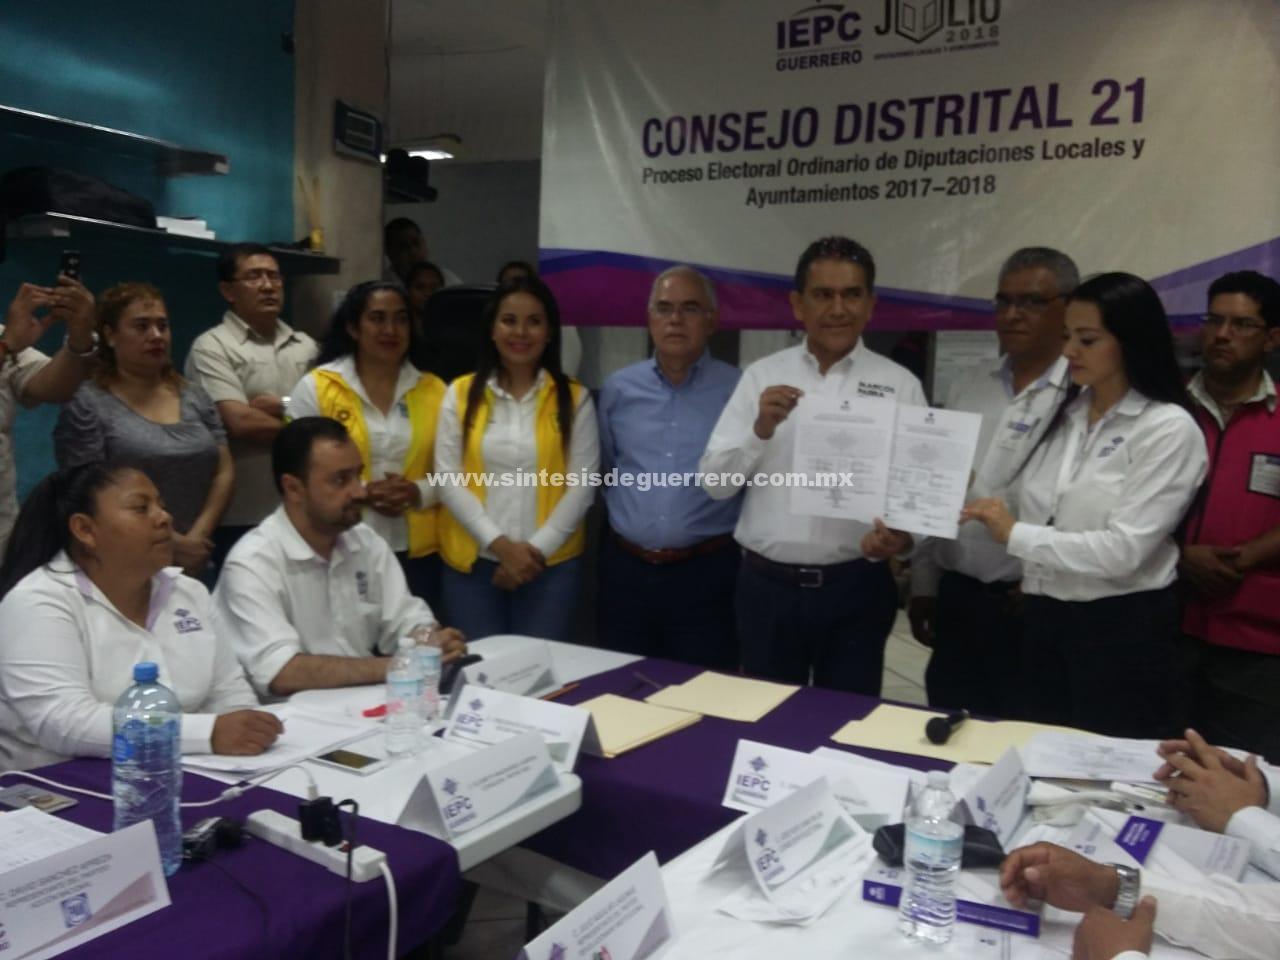 Entrega el IEPC Distrito 21 el Acta de Mayoria y Validez al contador Marcos Parra representante de la coalición PAN, PRD y Movimiento Ciudadano